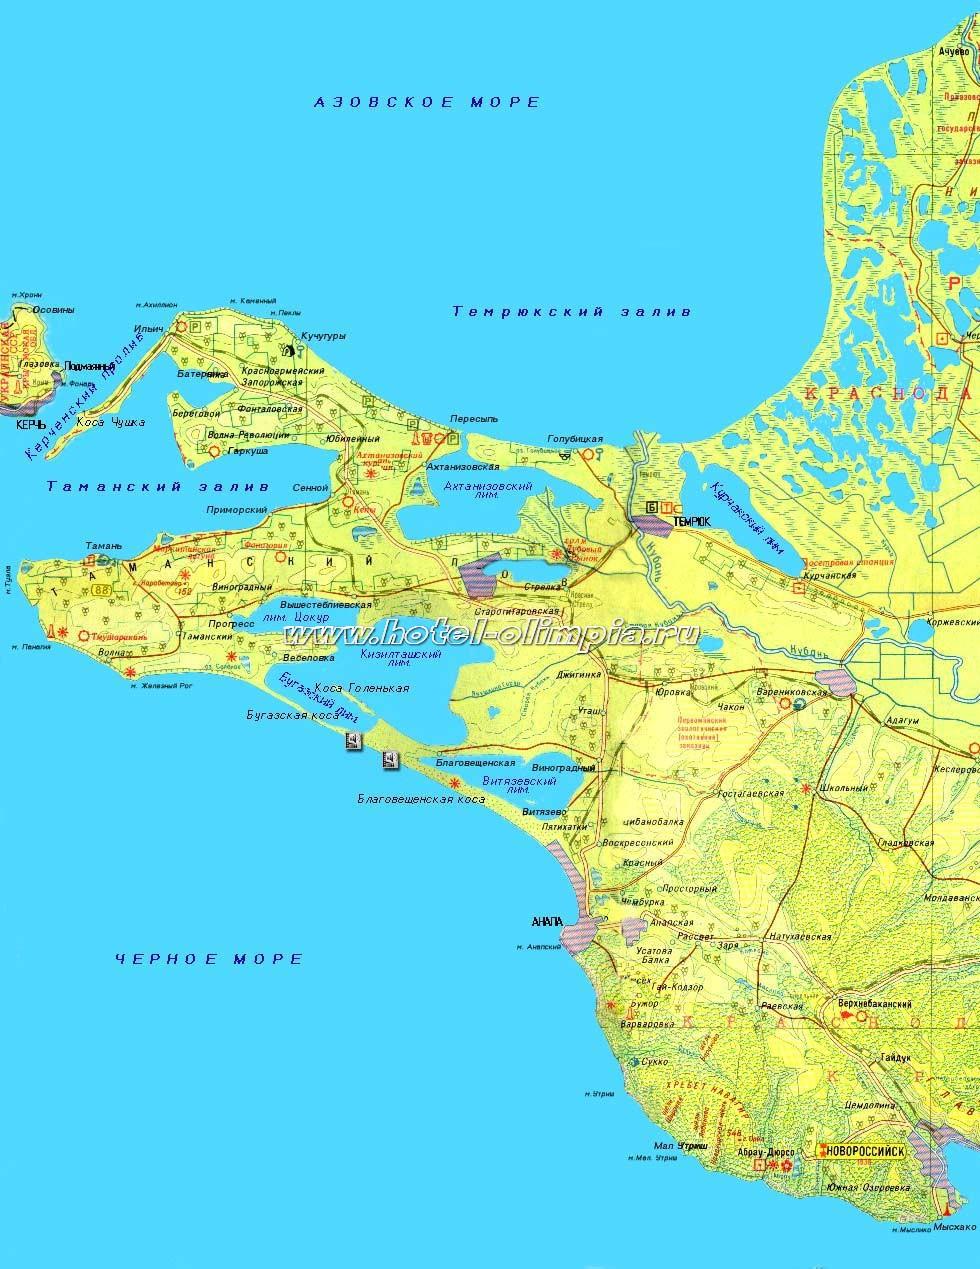 Карта таманского полуостврова